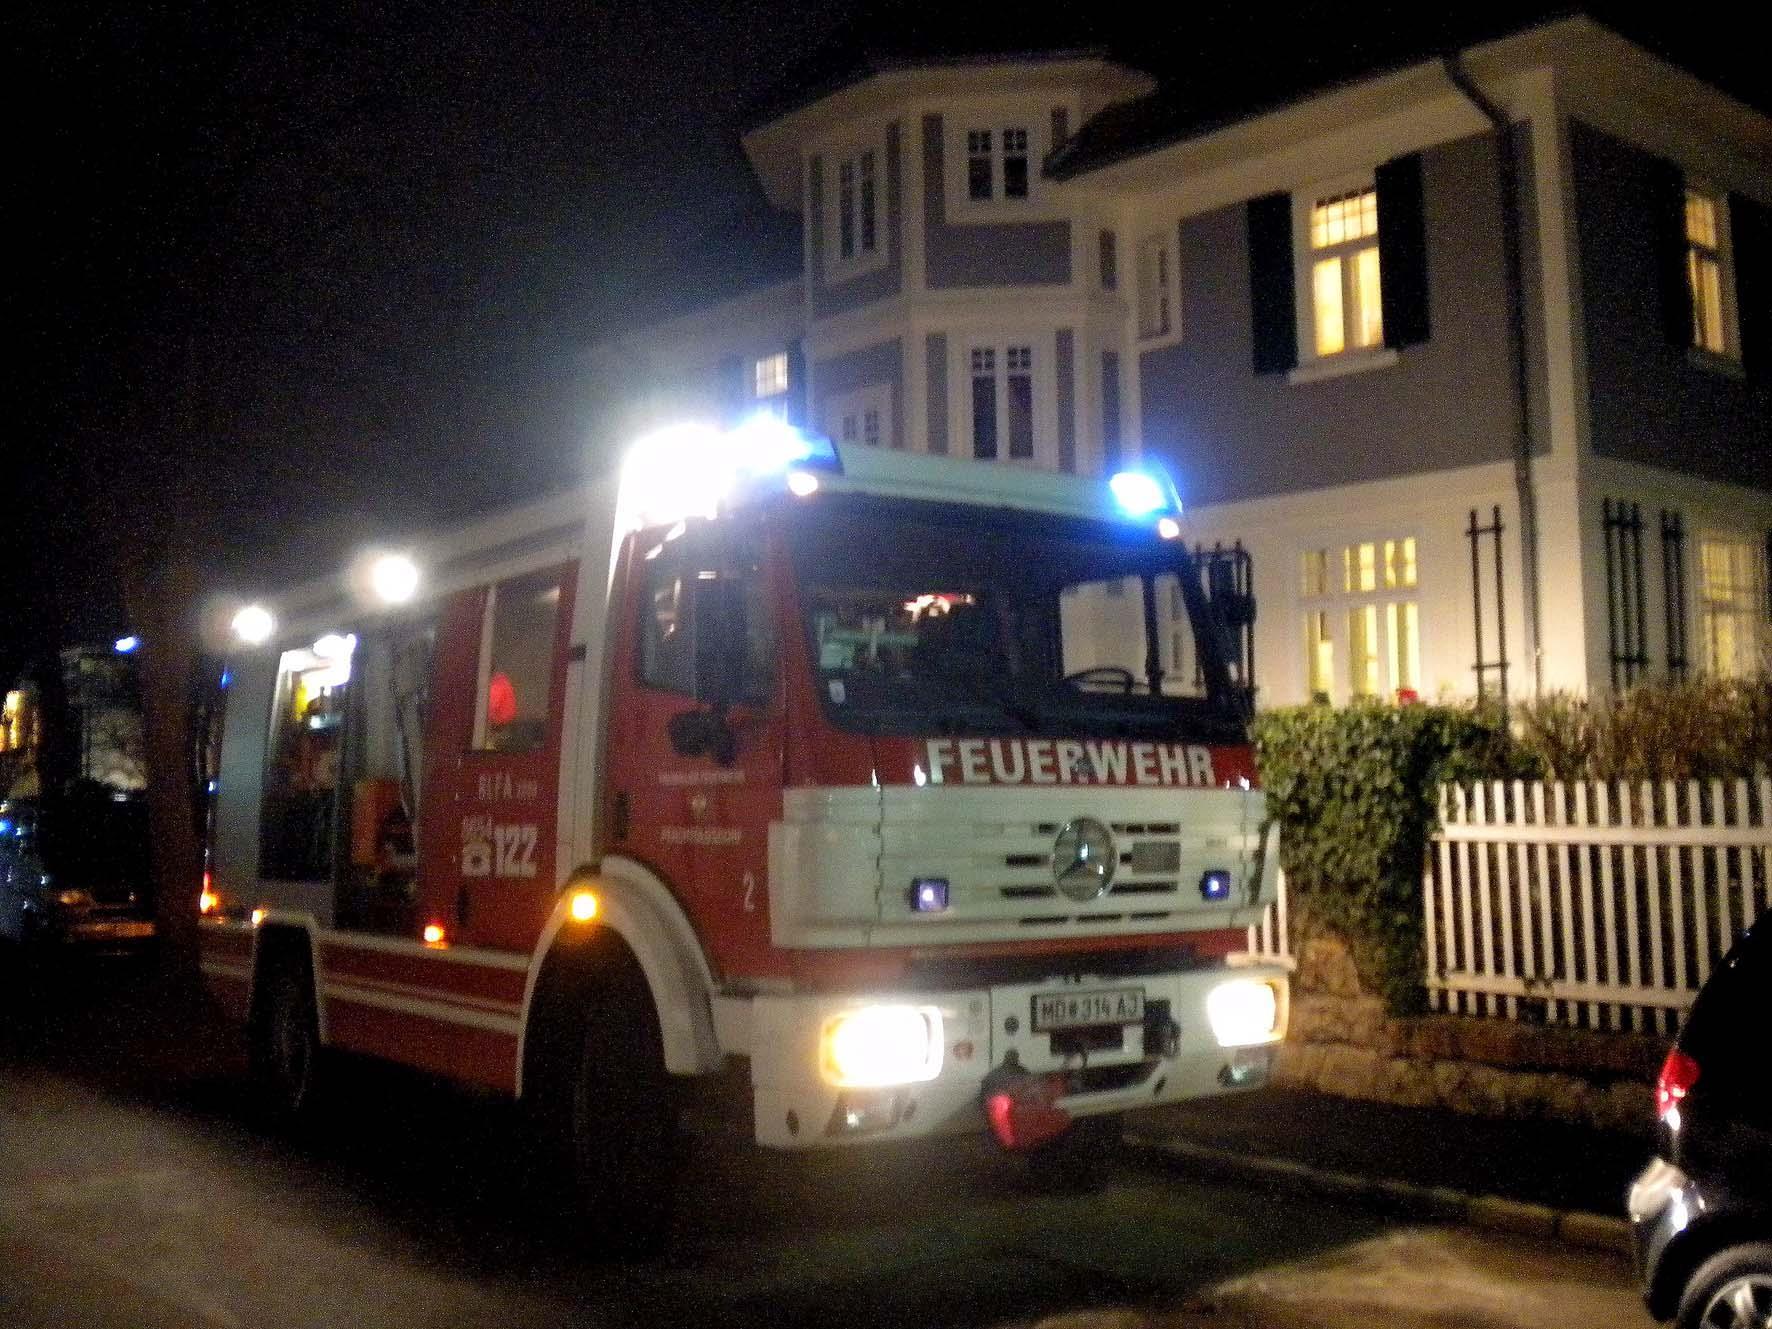 Die Feuerwehr leistete Erste Hilfe in Perchtoldsdorf